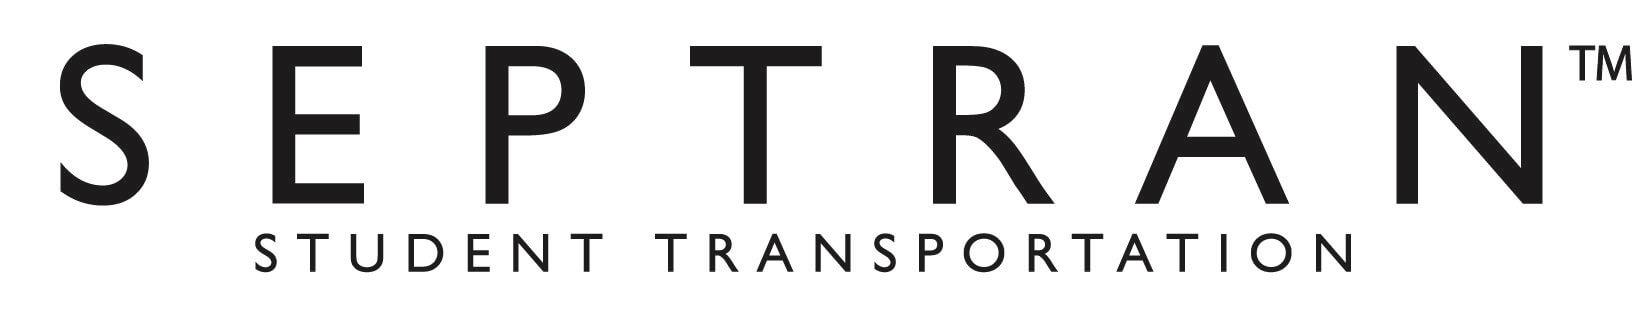 Septran Student Transportation